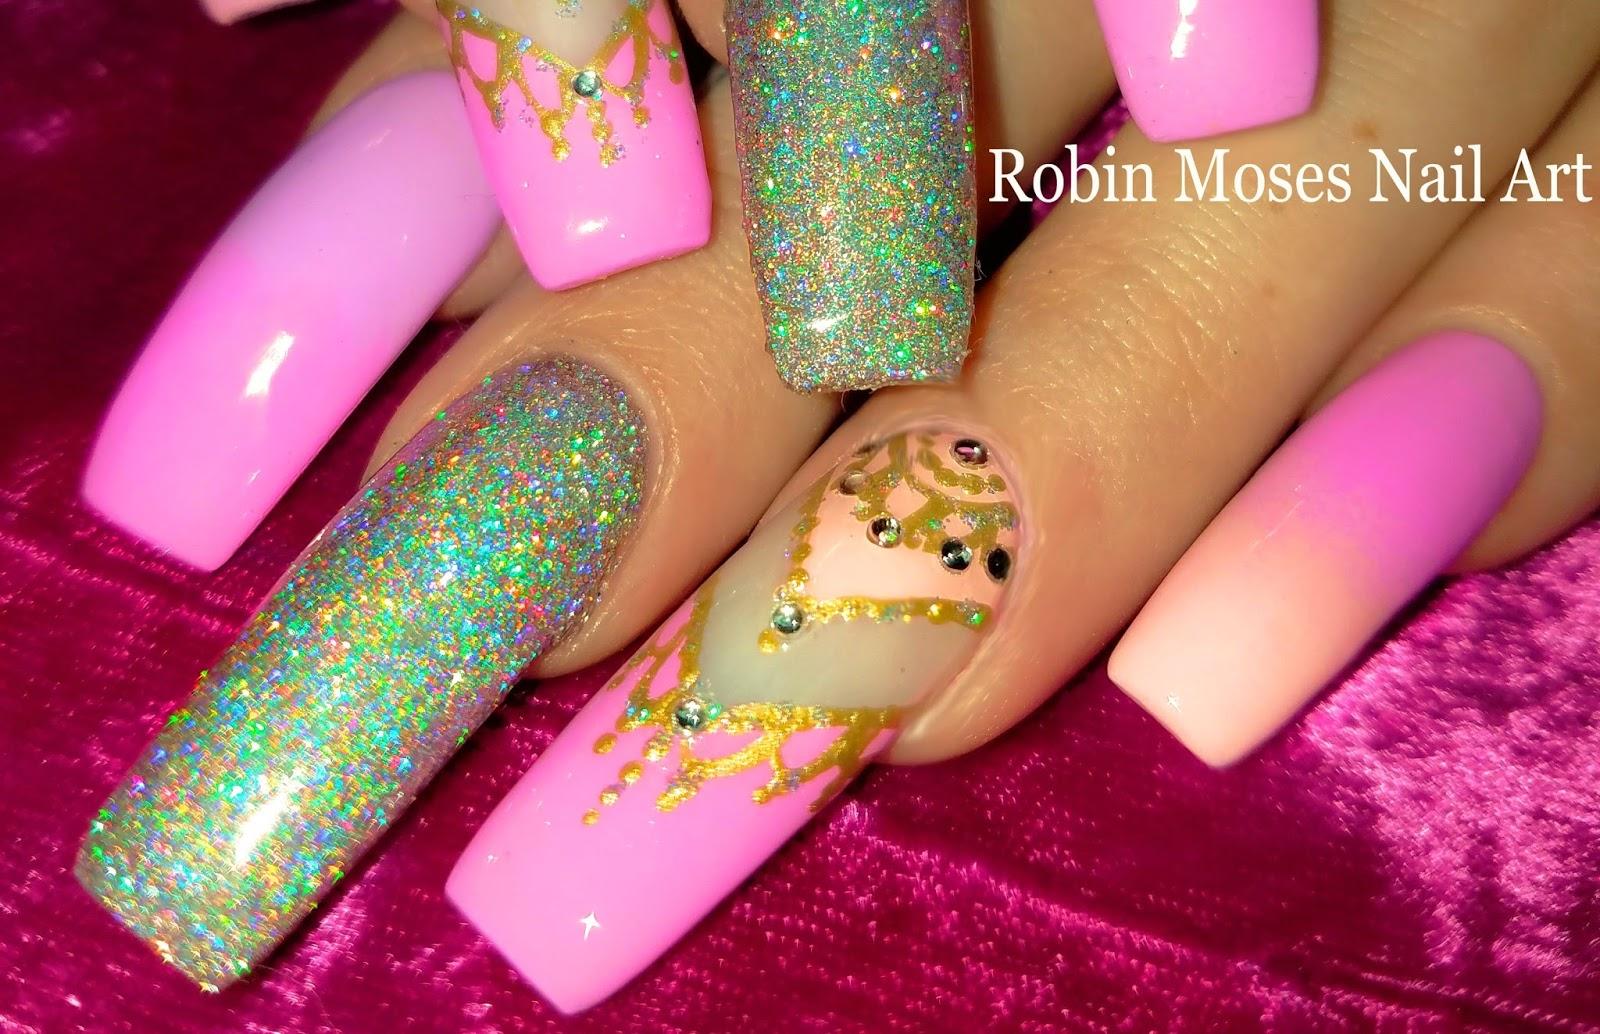 Nail Art by Robin Moses: Lush Holographic Glitter Nail ...